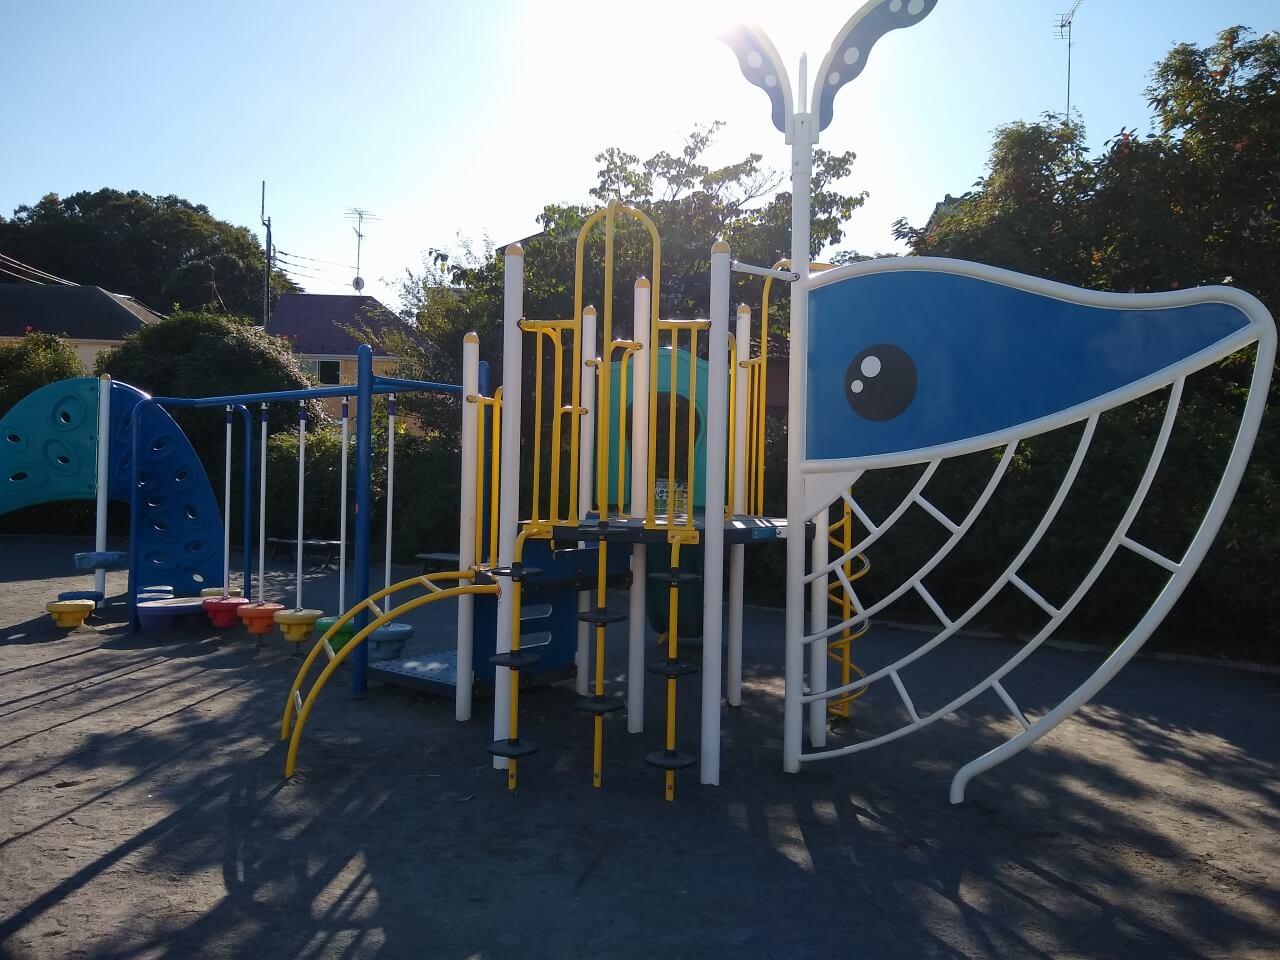 大曽根公園クジラ型の遊具